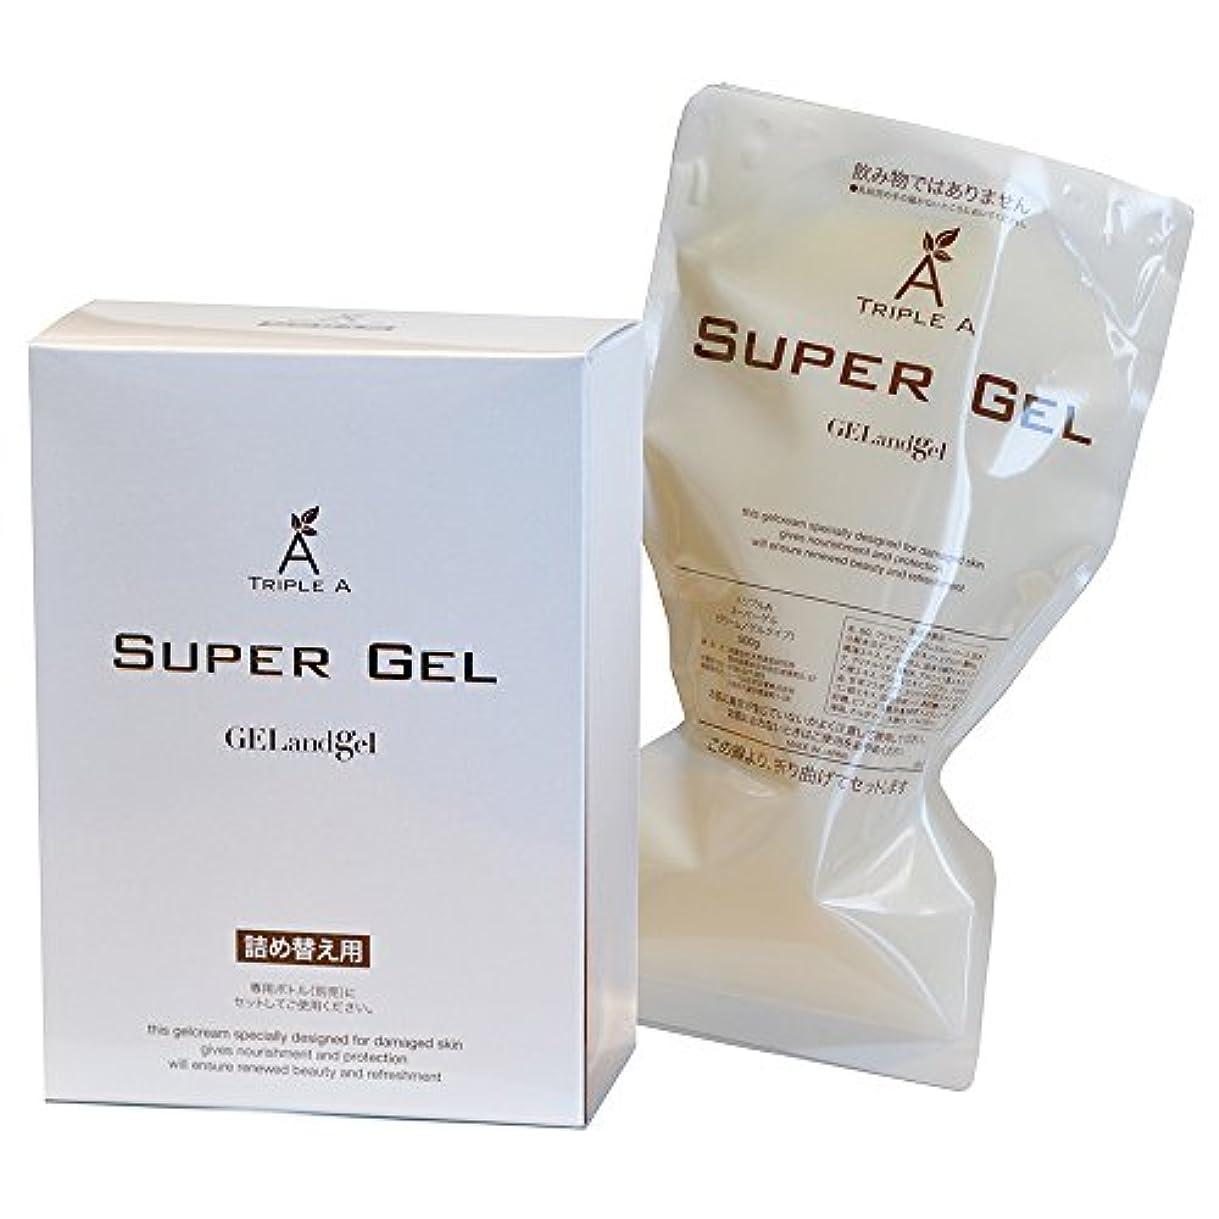 分類する父方の粘性のゲルアンドゲル スーパーゲル500